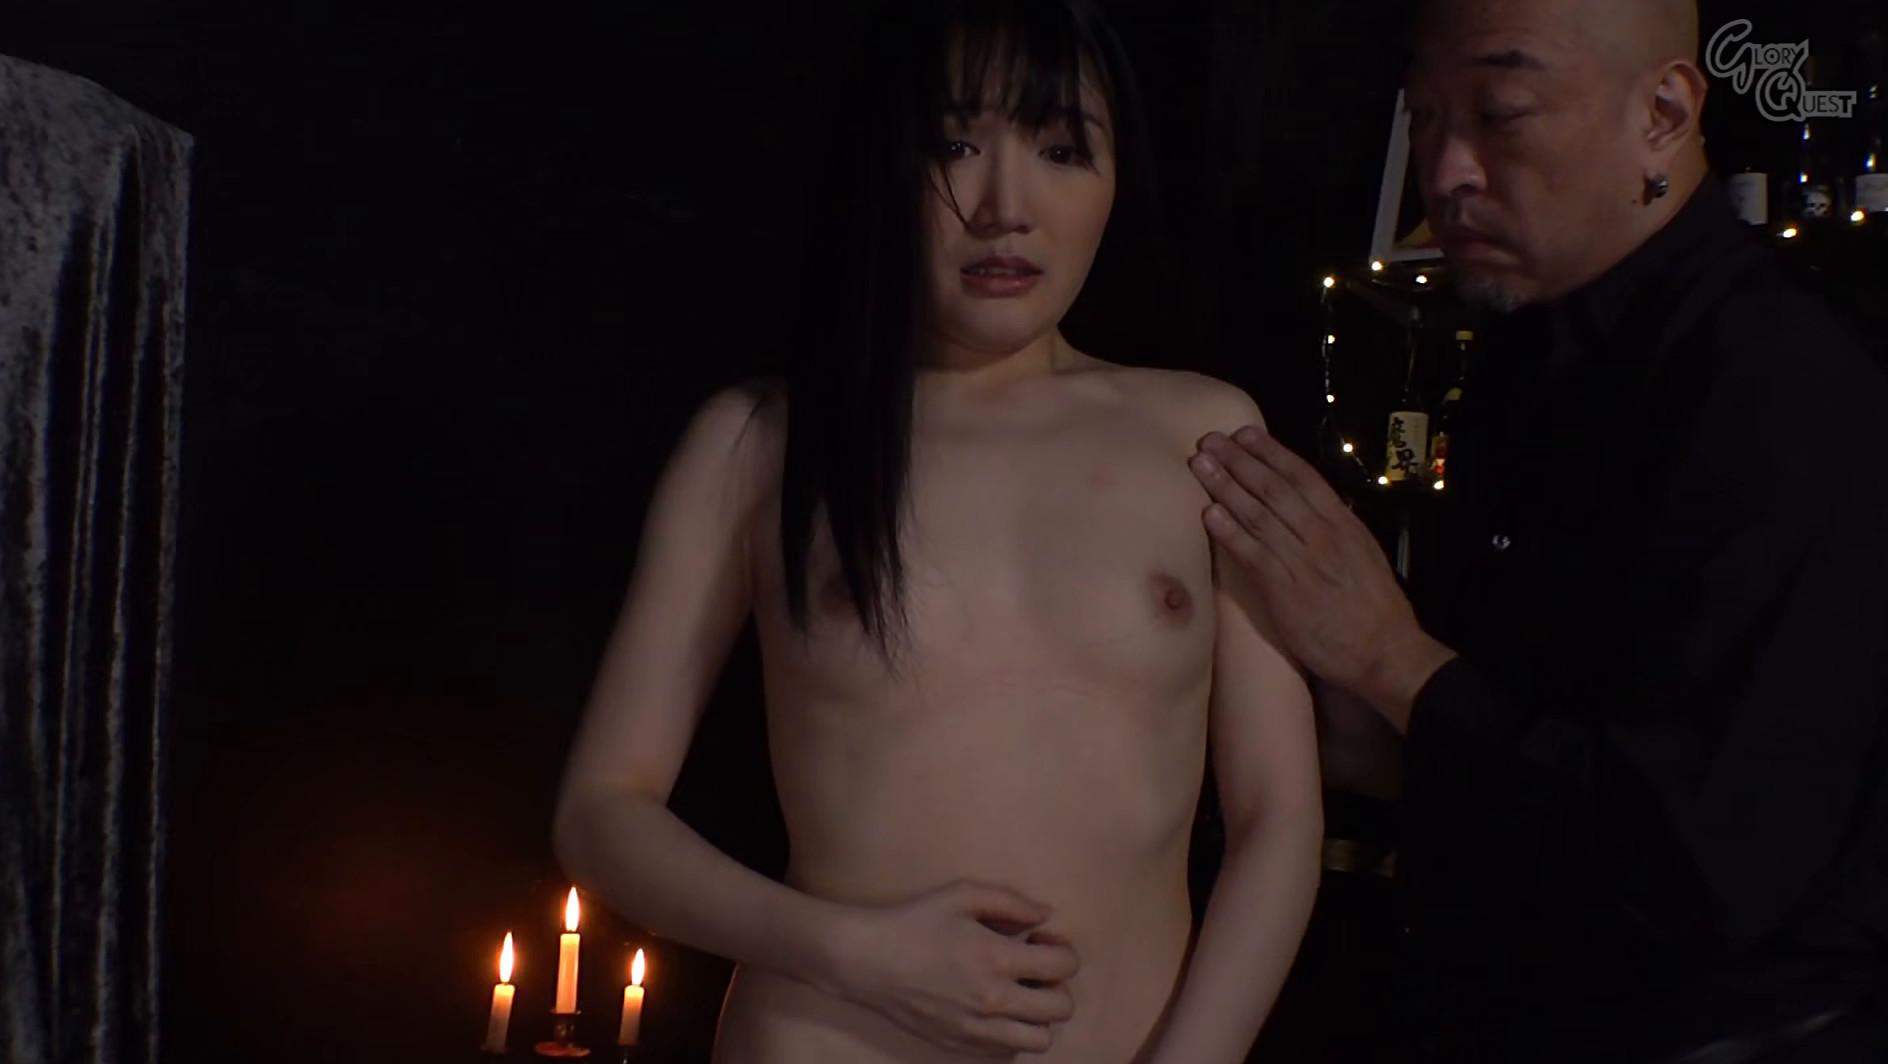 アナルバレリーナ 6 武田エレナ 画像3